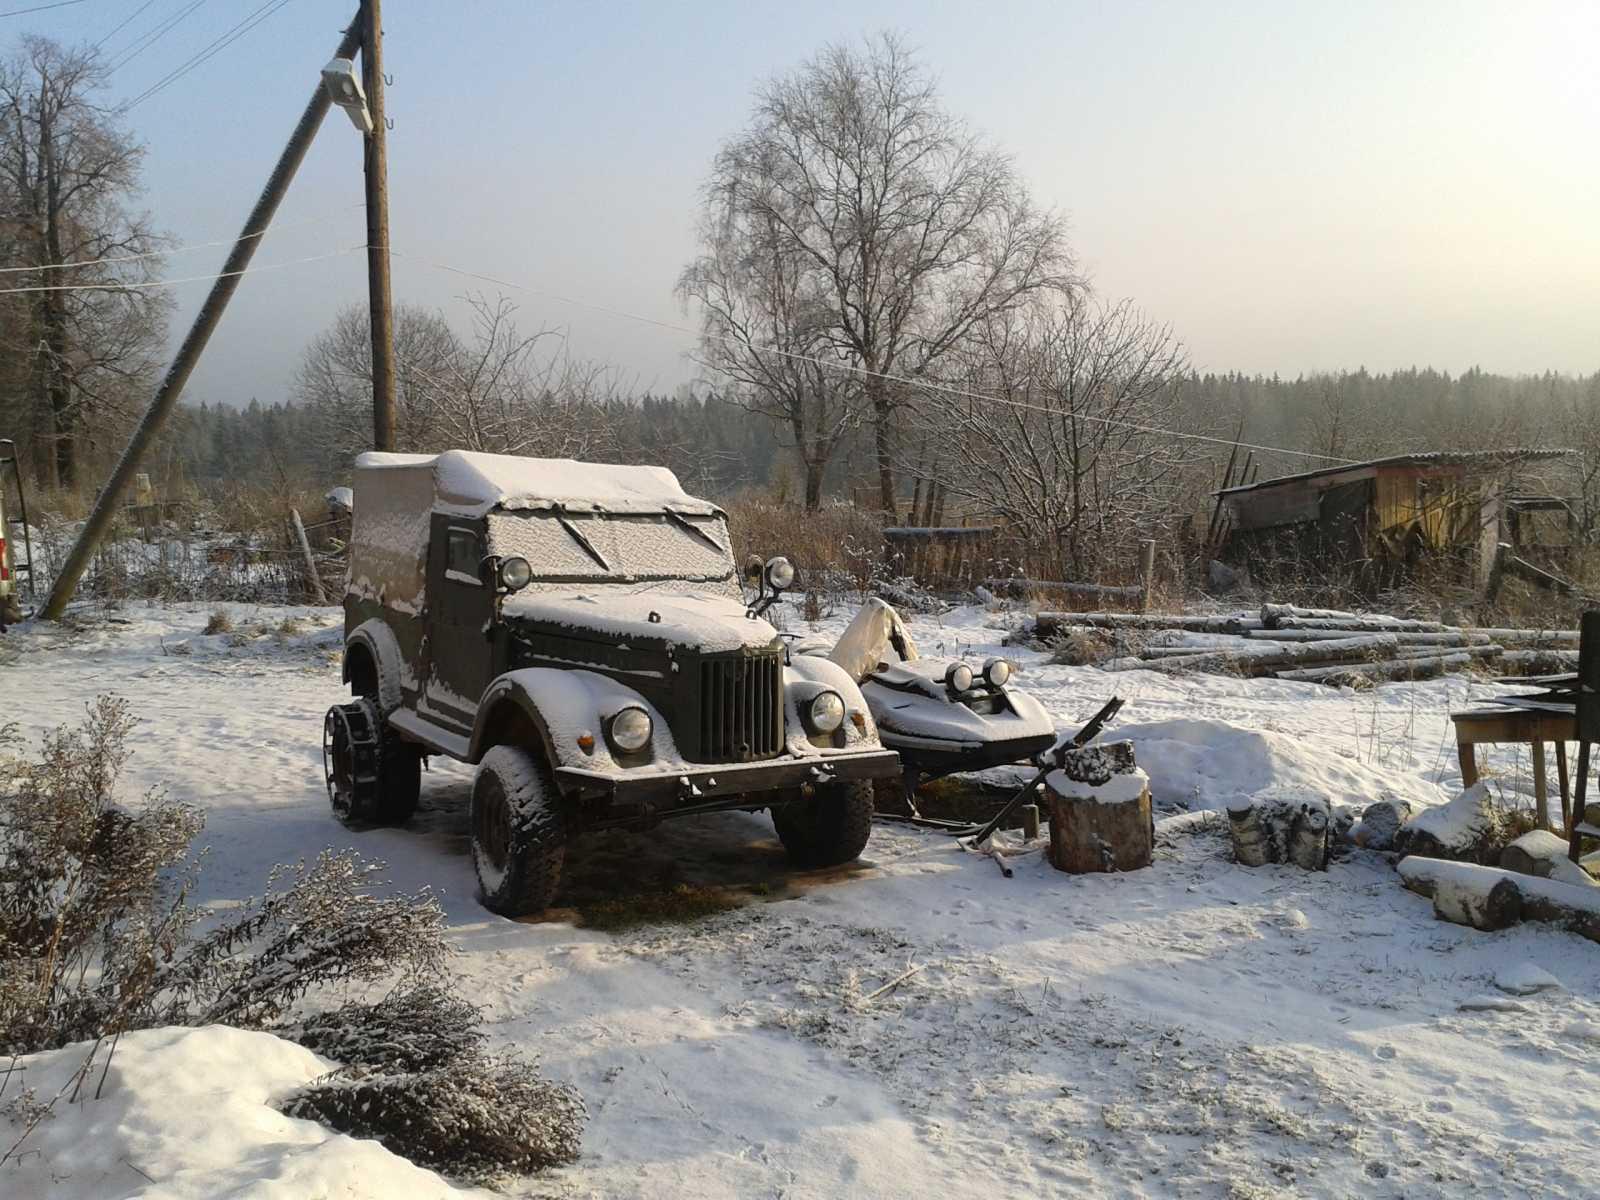 2012-01-01 12.26.59.jpg